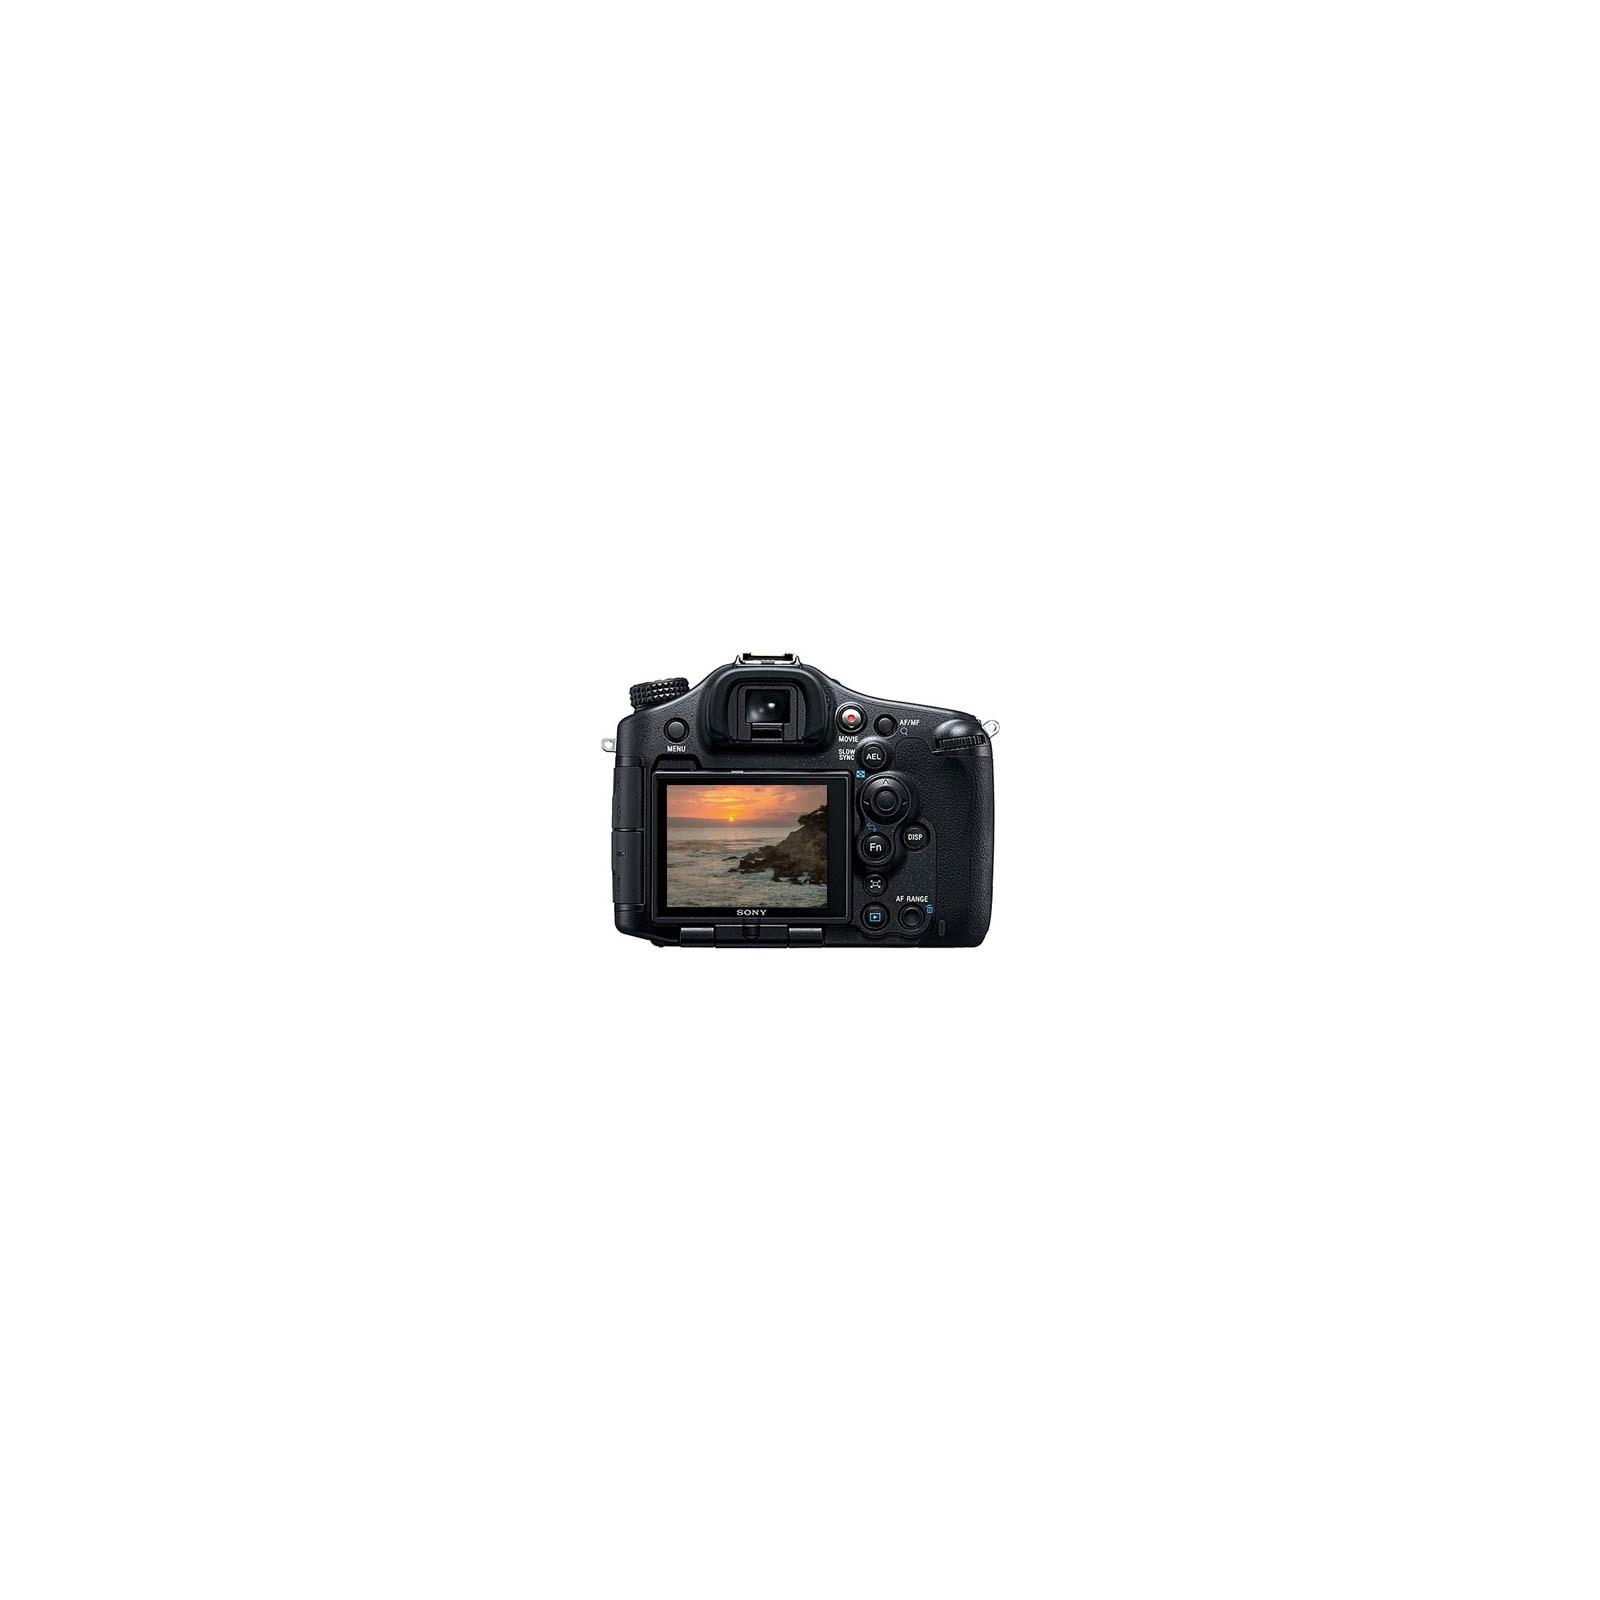 Цифровой фотоаппарат SONY Alpha A99 body (SLTA99.RU2) изображение 2